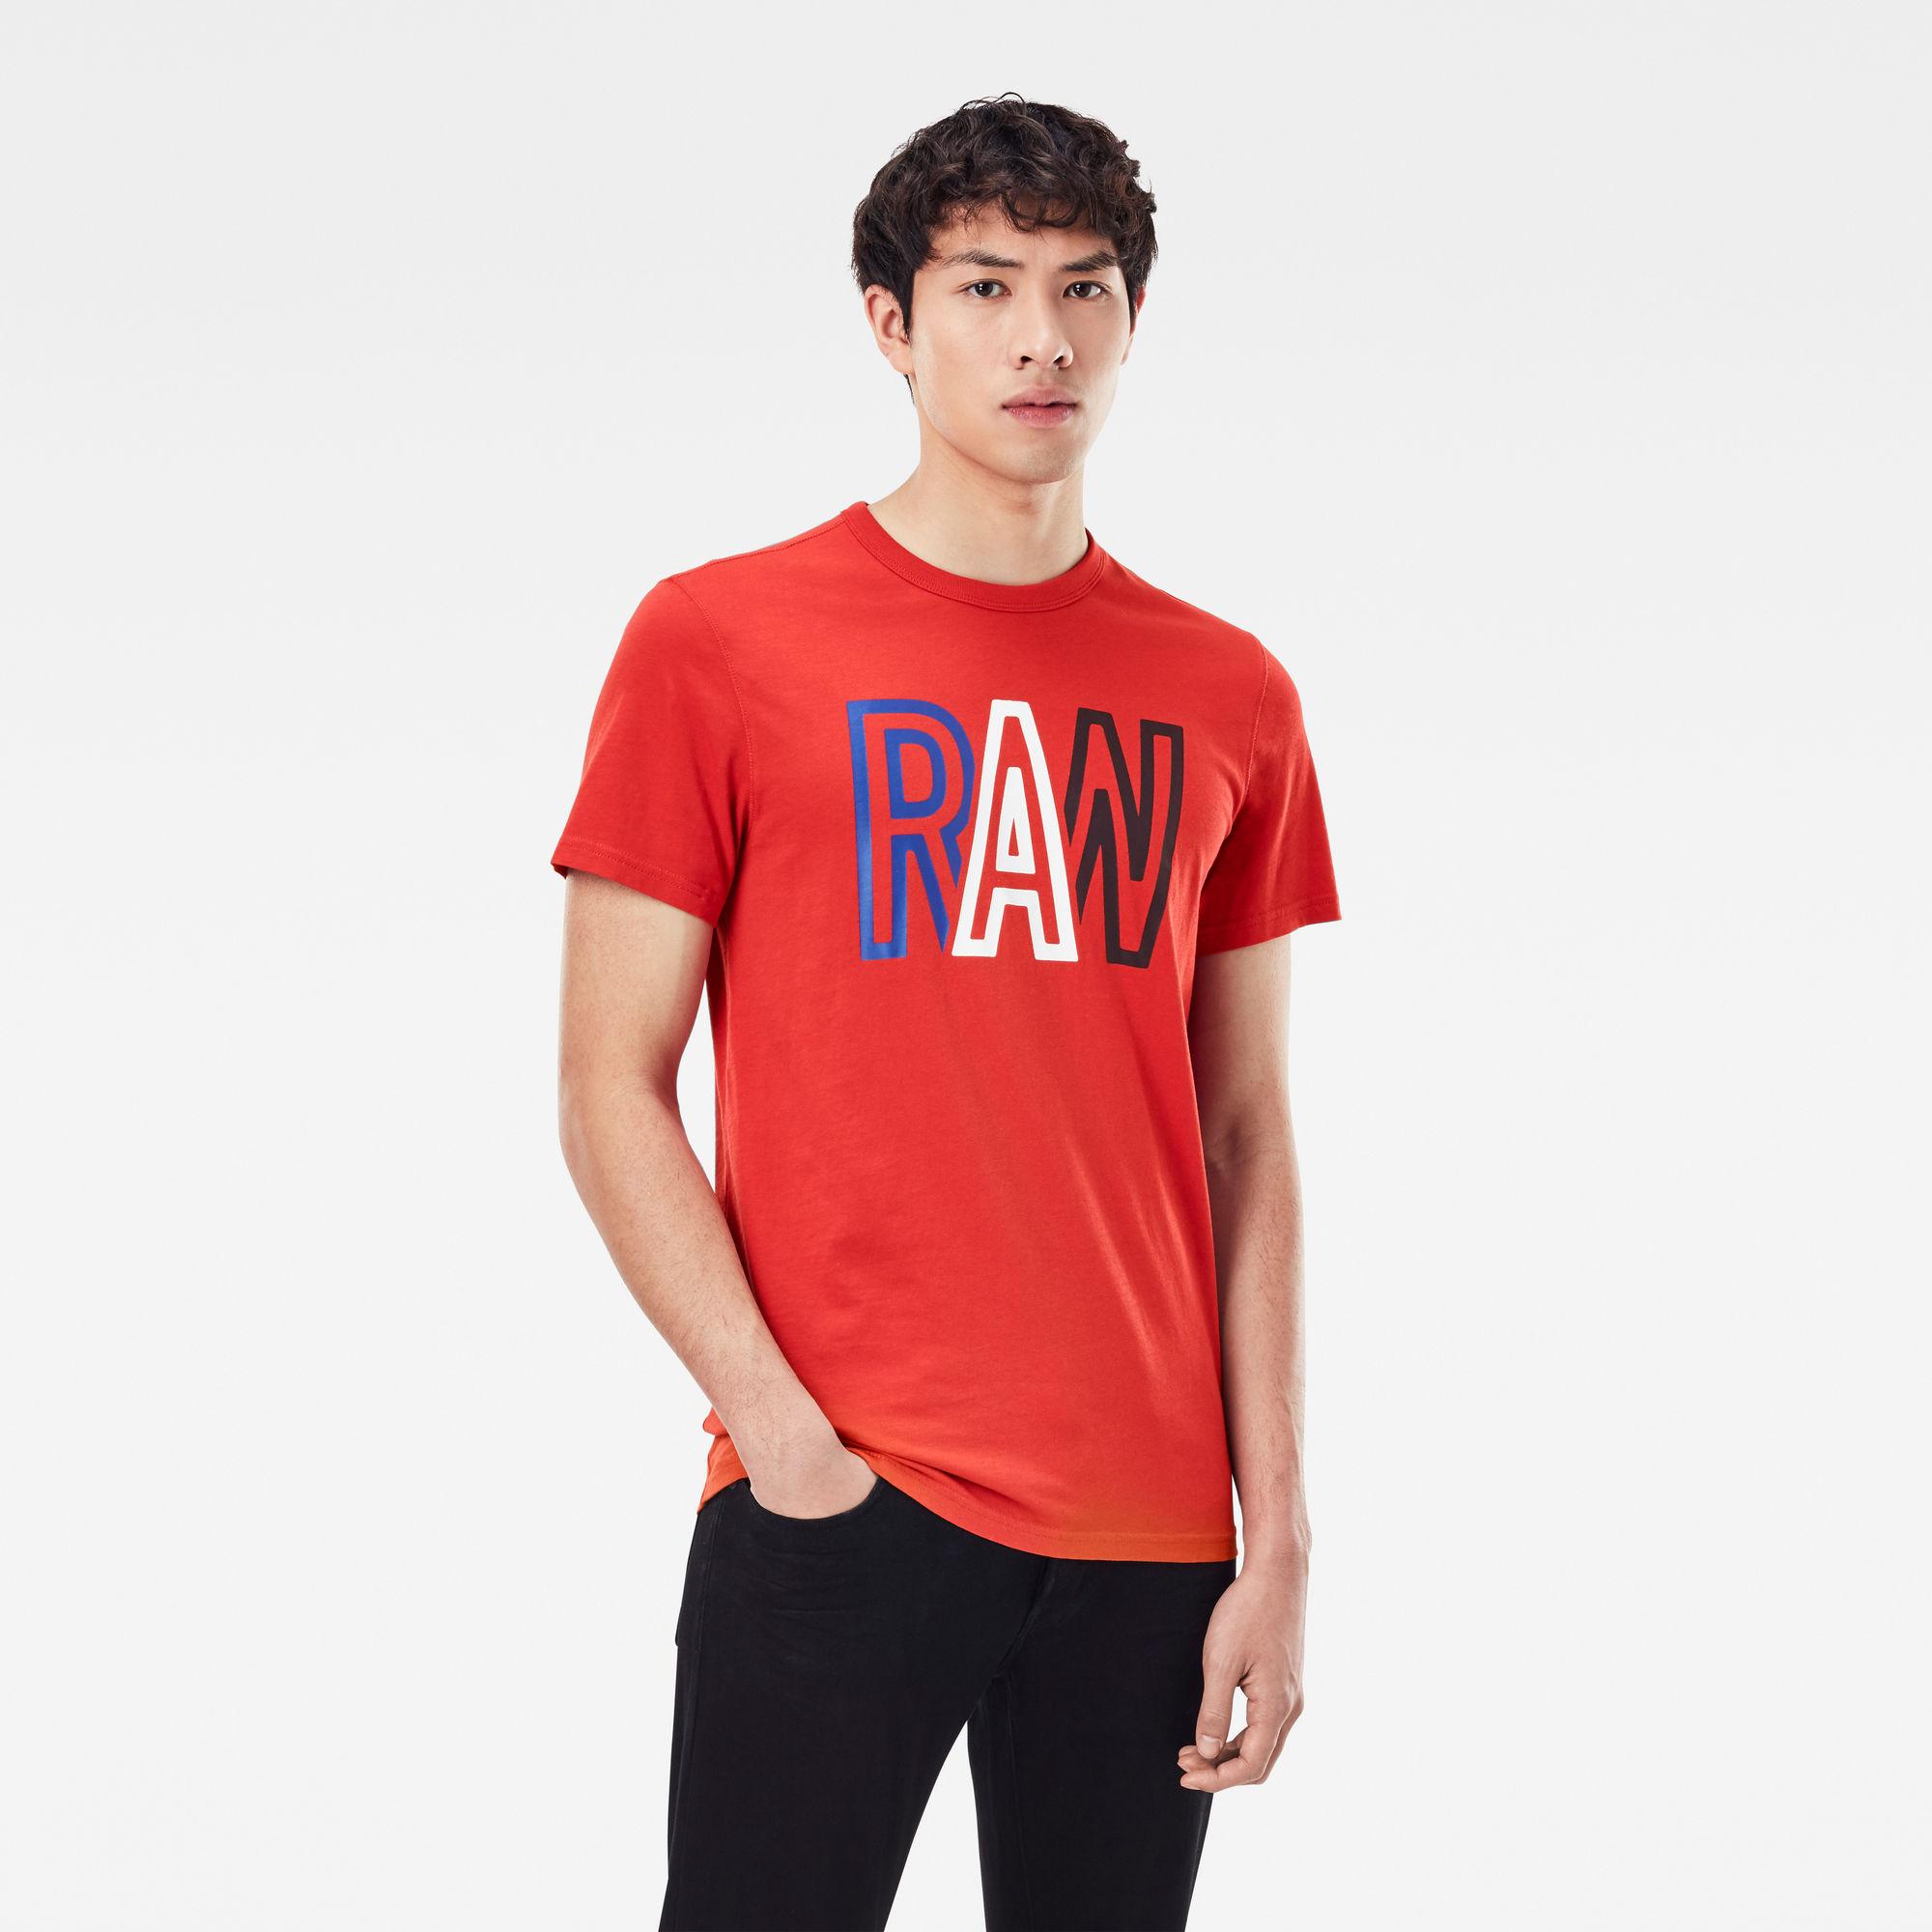 G-Star RAW Heren Raw T-Shirt Rood